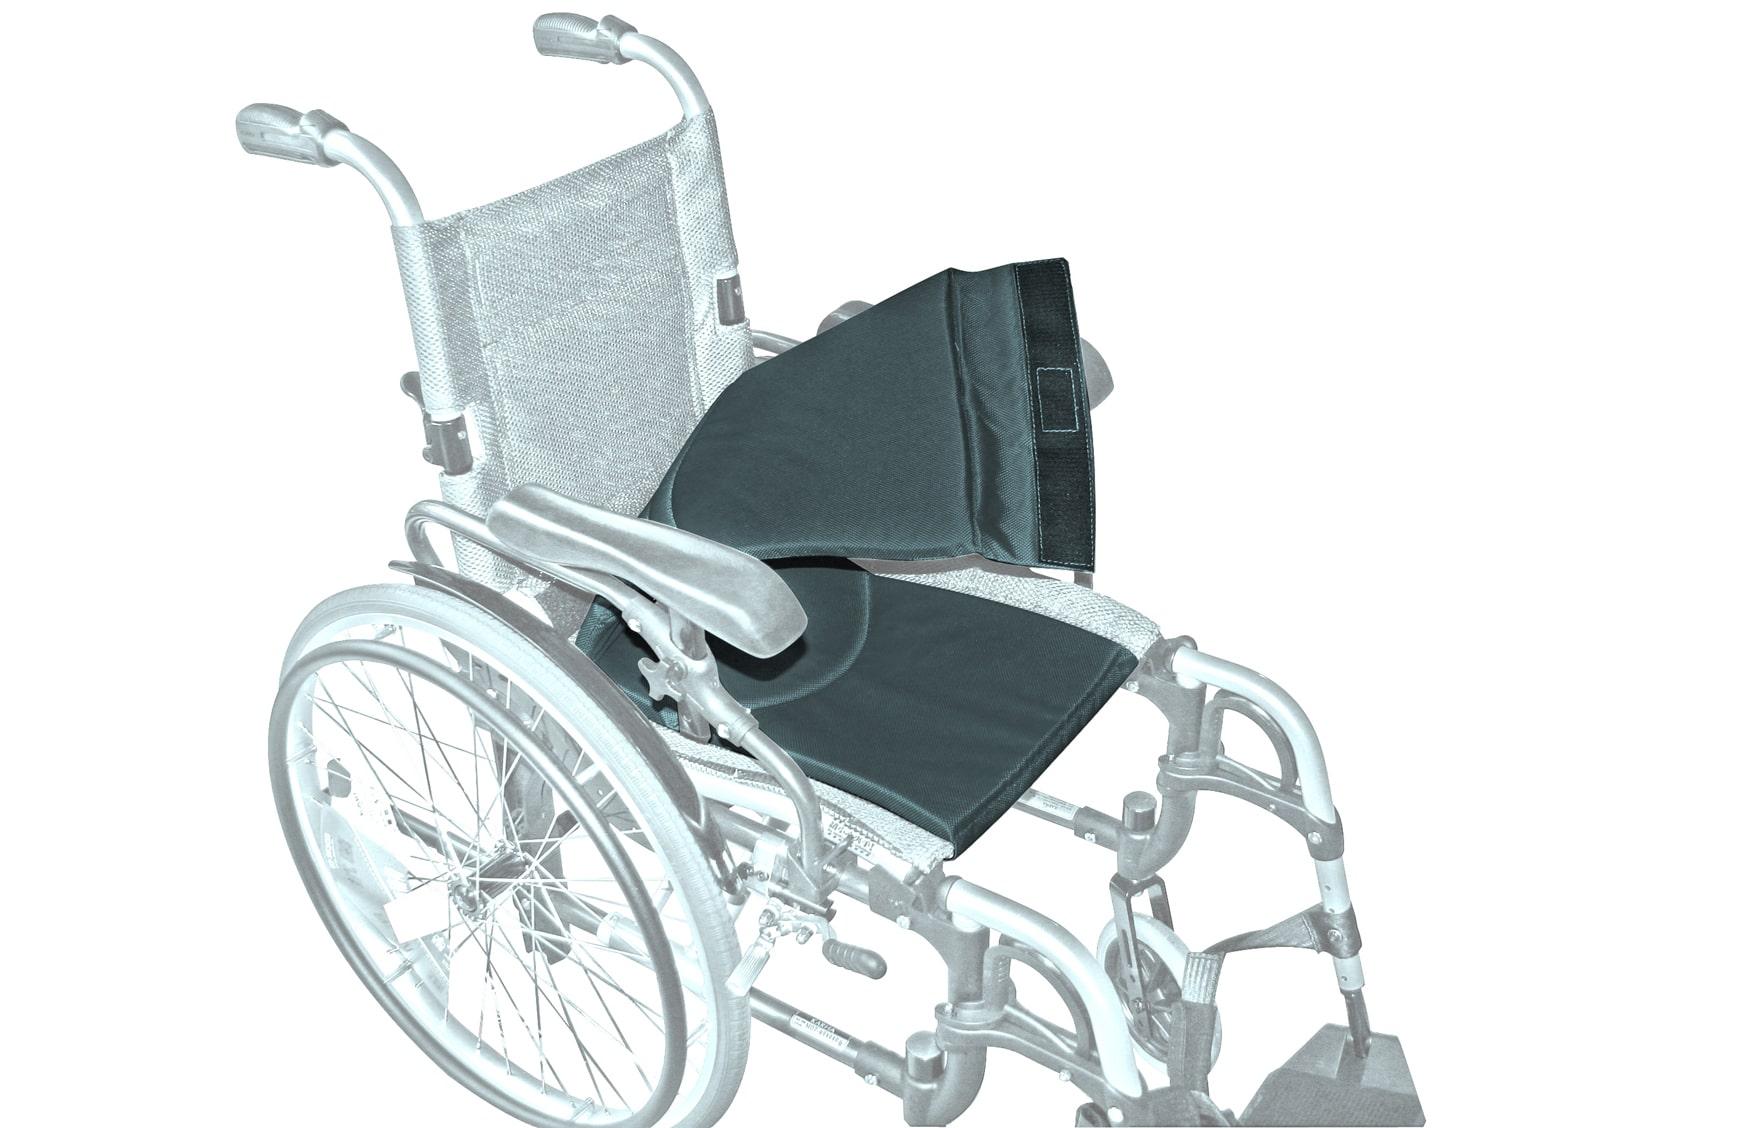 Cadeira de rodas manual com forro extraível, visto de perfil